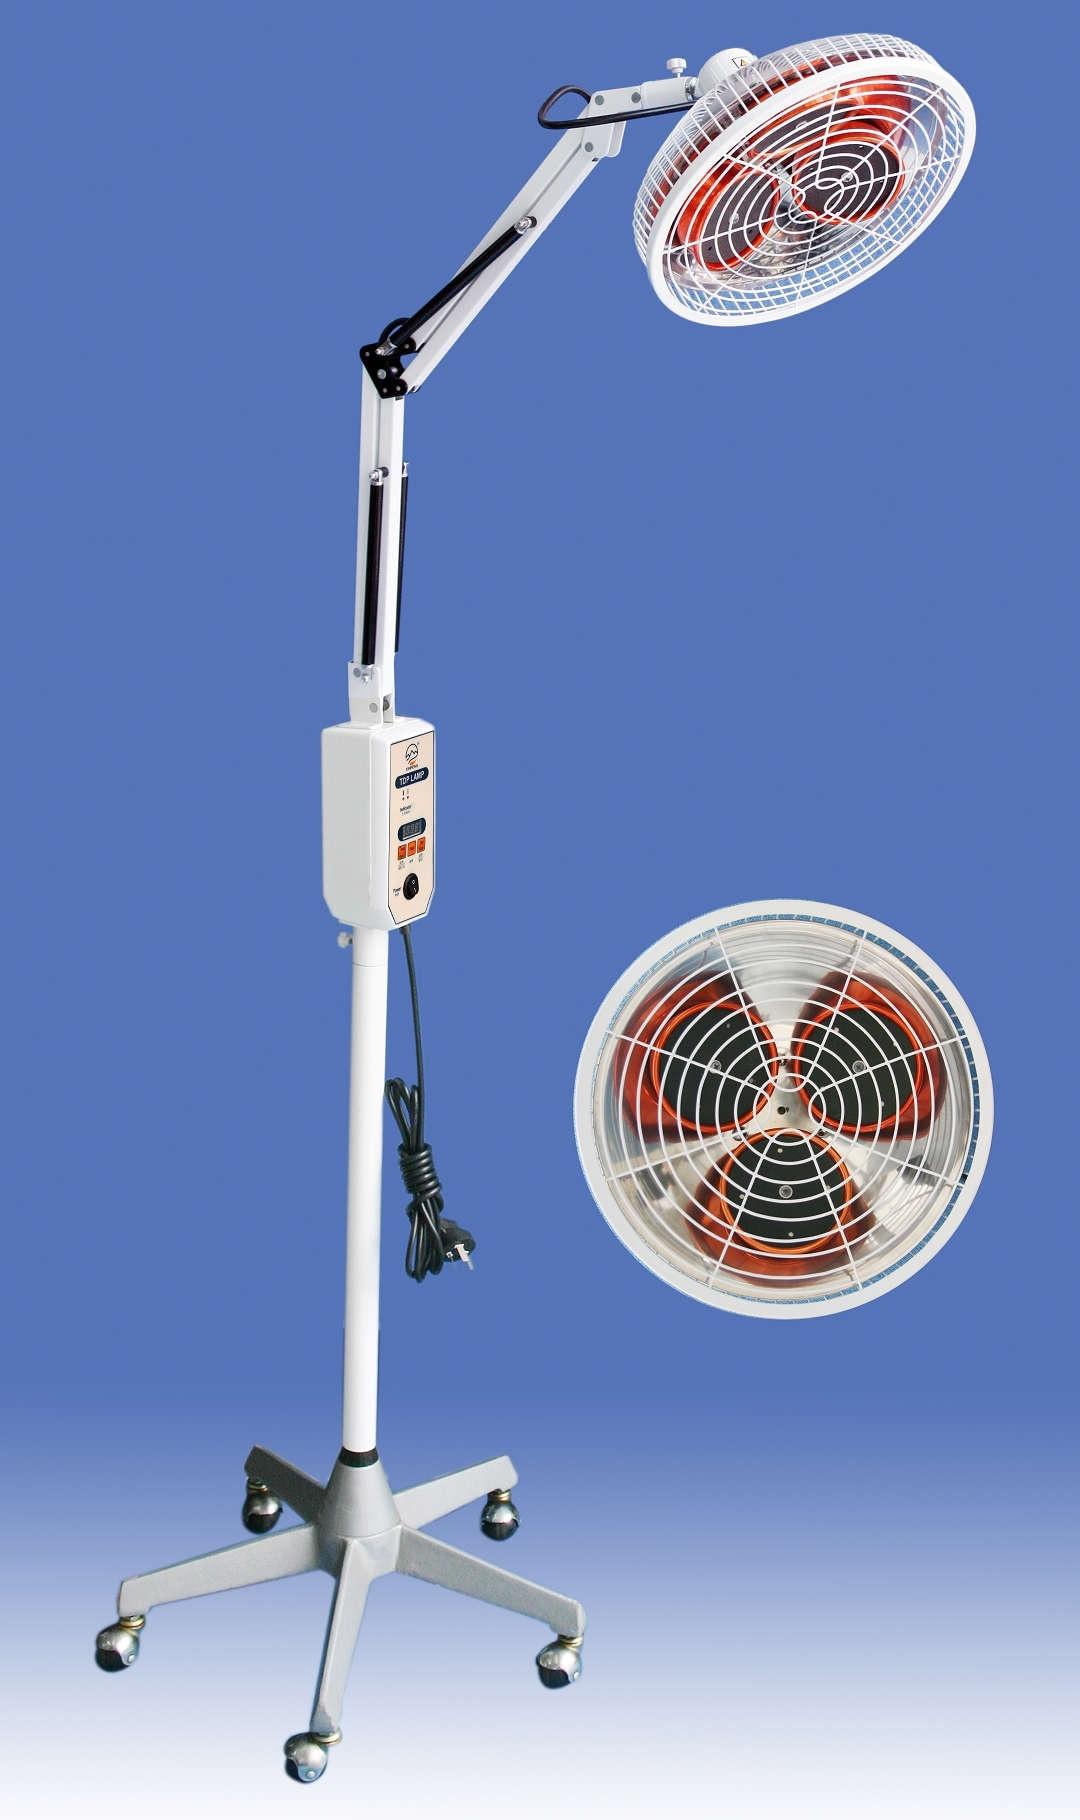 Tdp Lamp (CQ-33) , Massage Equipment, Bio Lamp, Medical Implement, Medical Equipment, Miracle Lamp for Acute Lymphadenitis, Bone Fractures, etc.